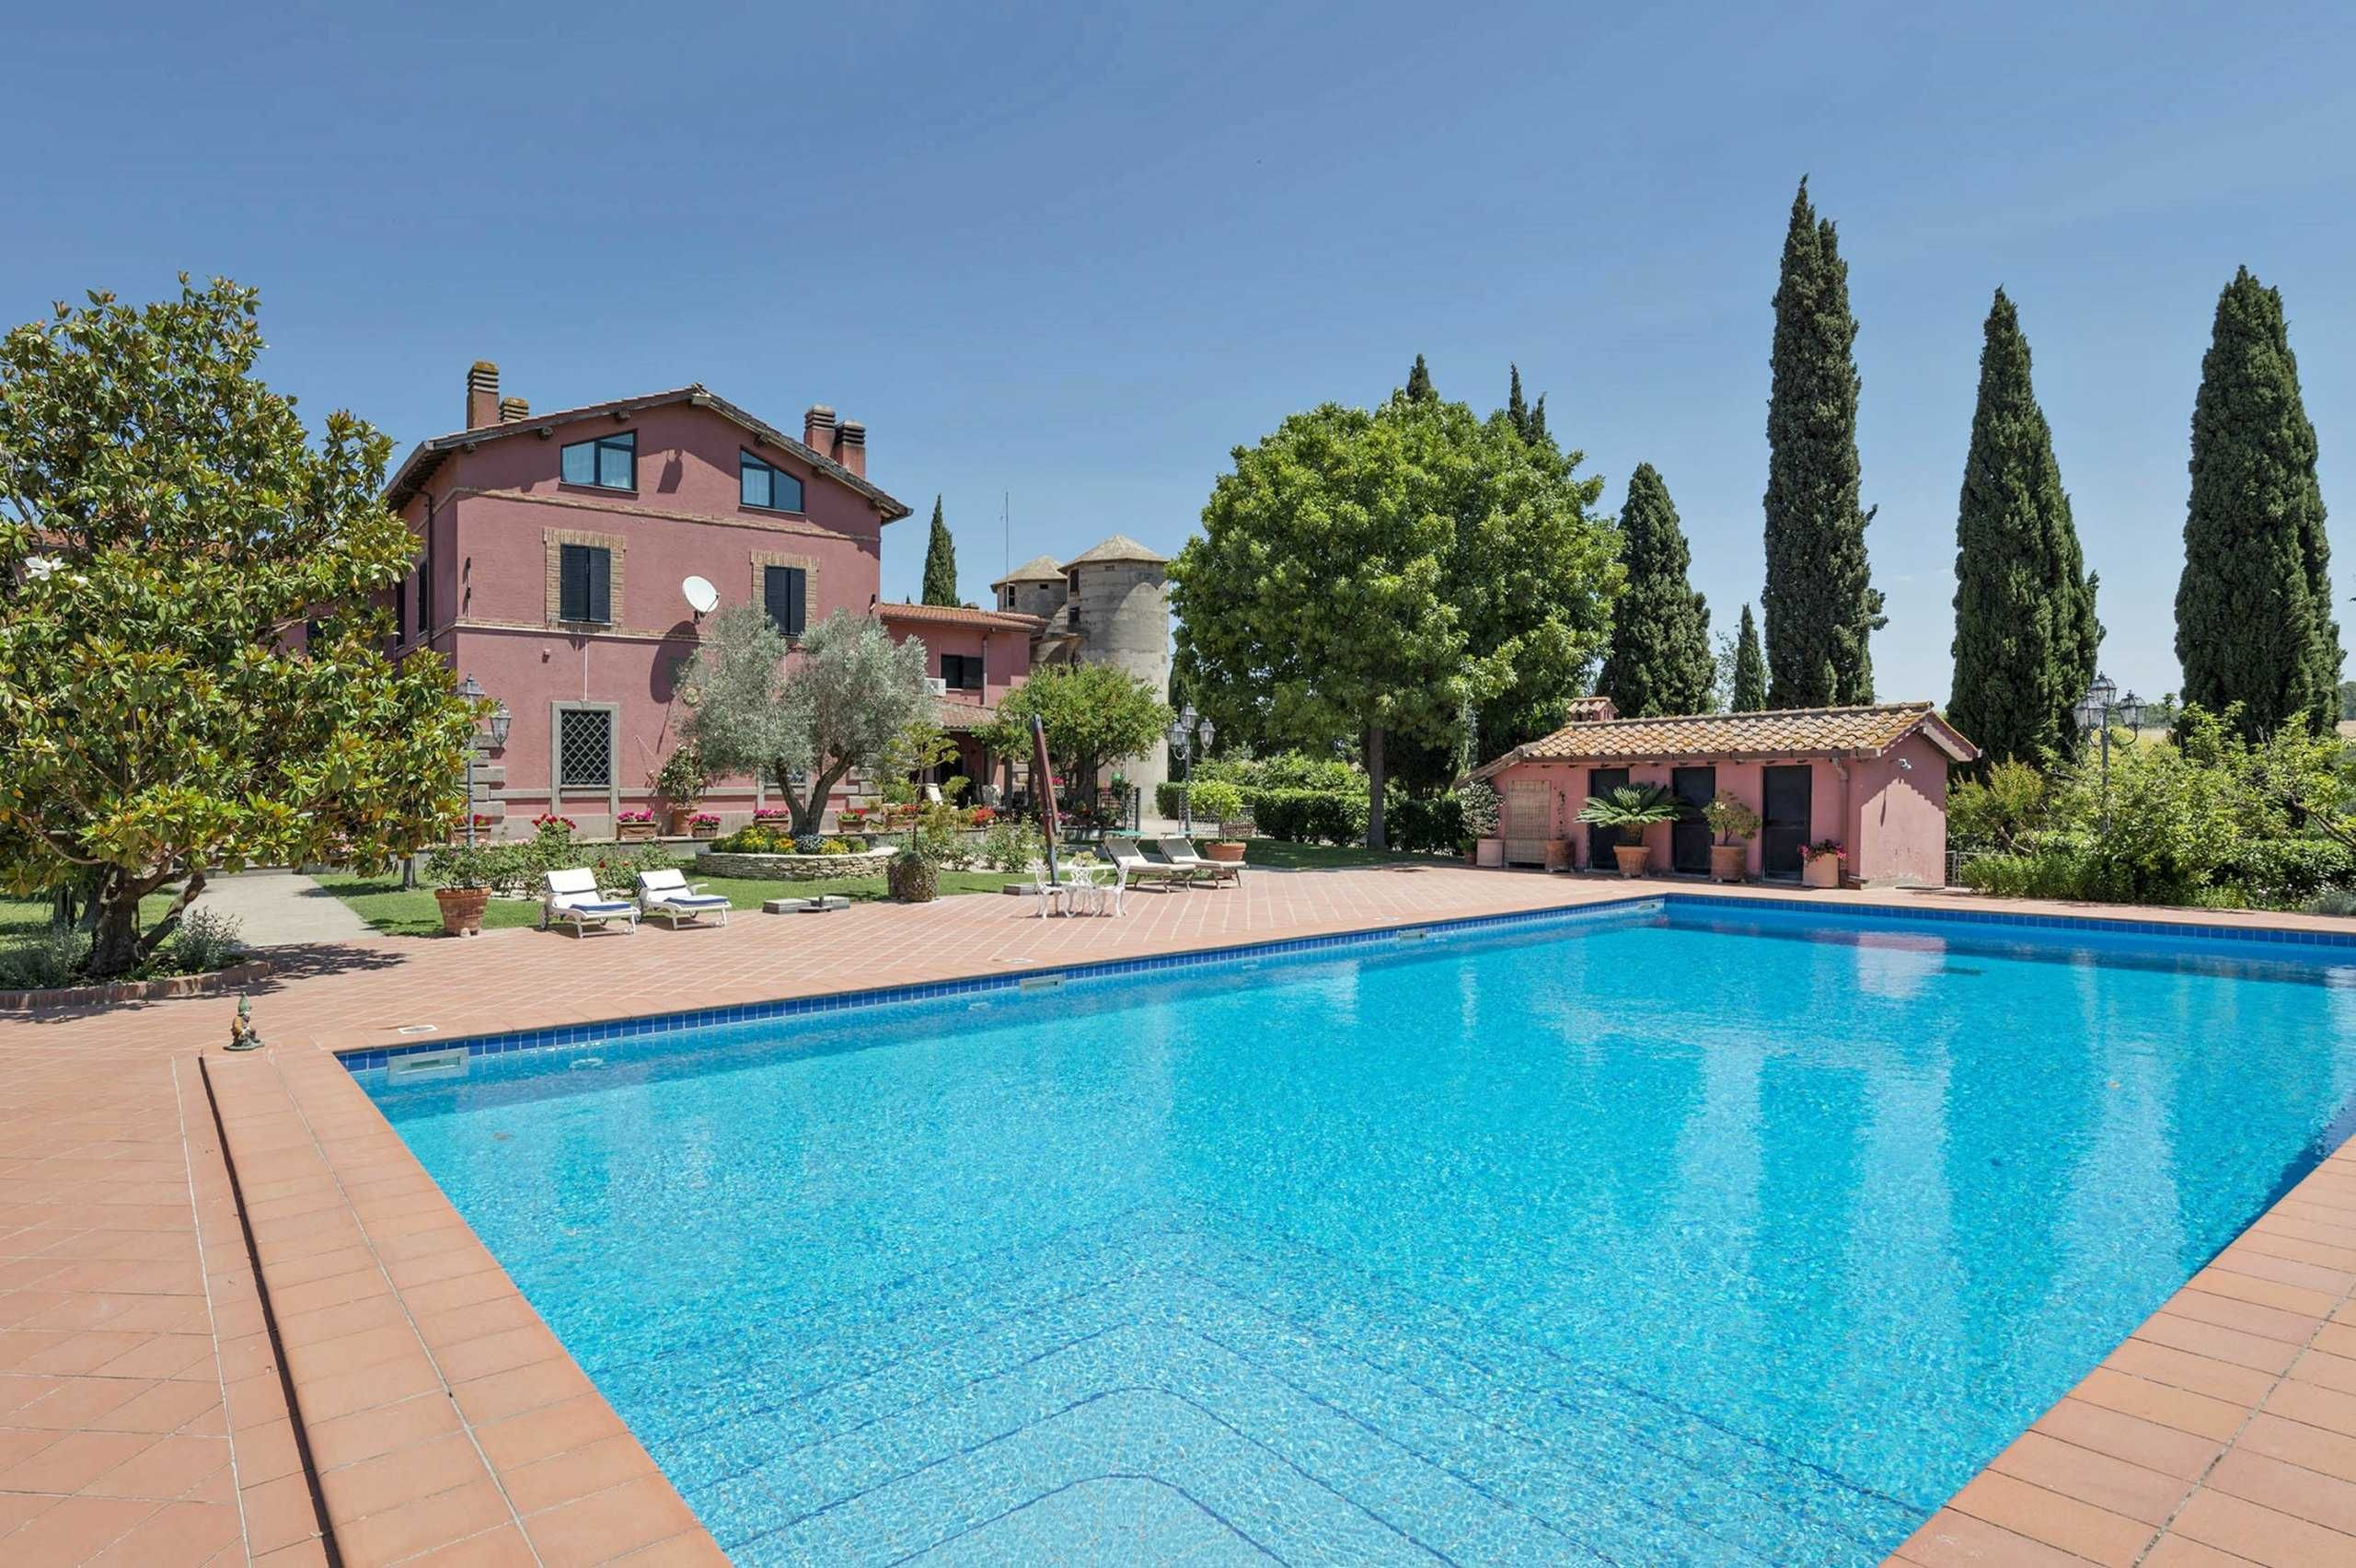 Villa Con Piscina Immersa Nel Verde Cassia Roma Piscine